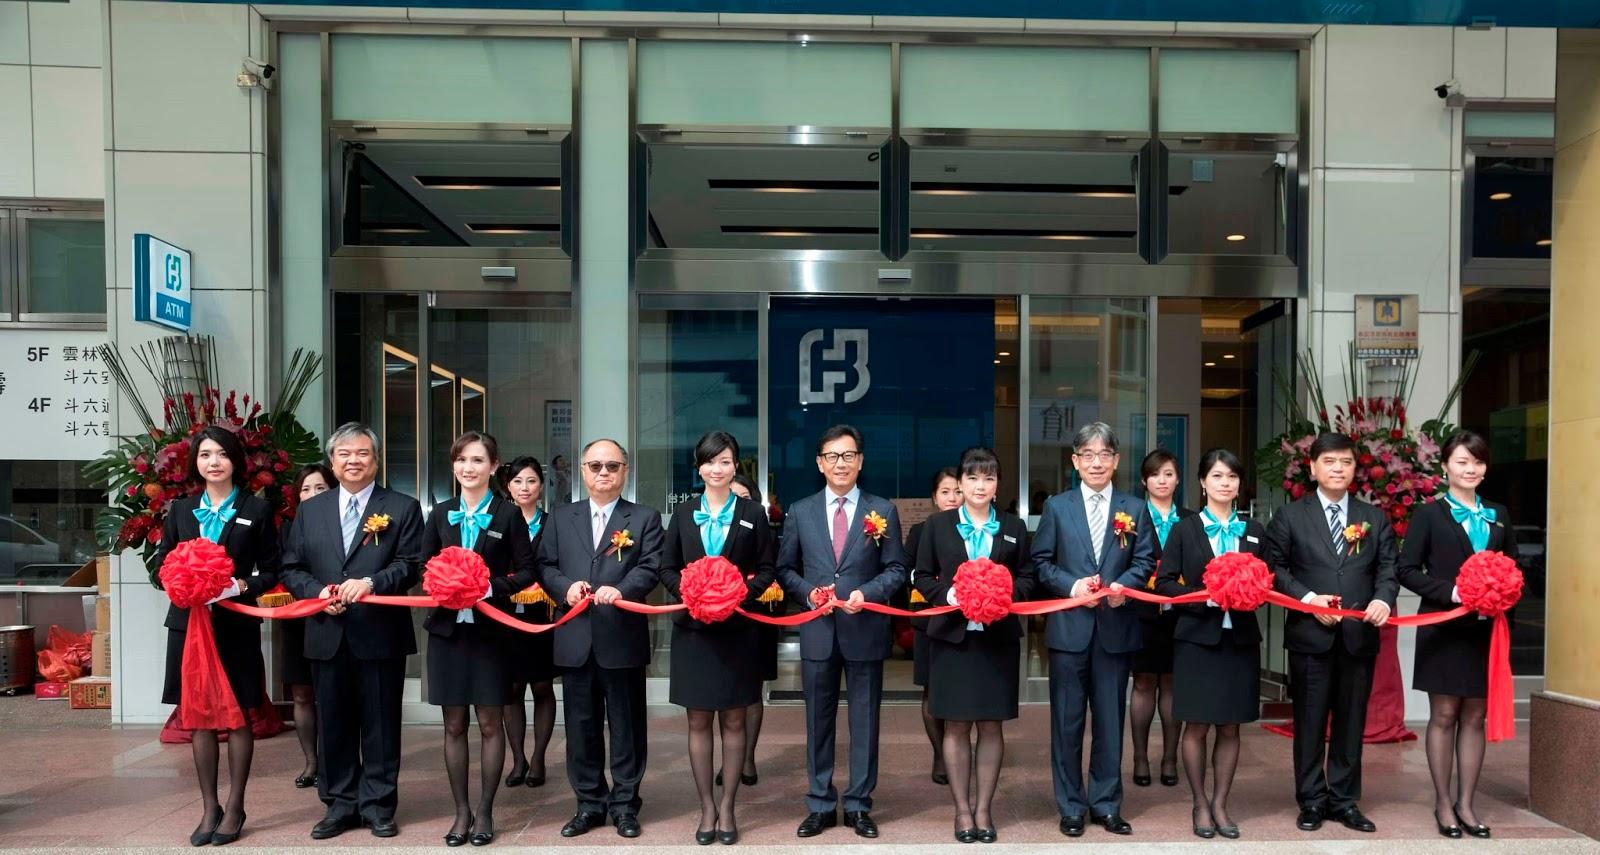 新聞-台北富邦銀行 斗六分行 11/1 開幕,為台北富銀在雲林的第一家分行